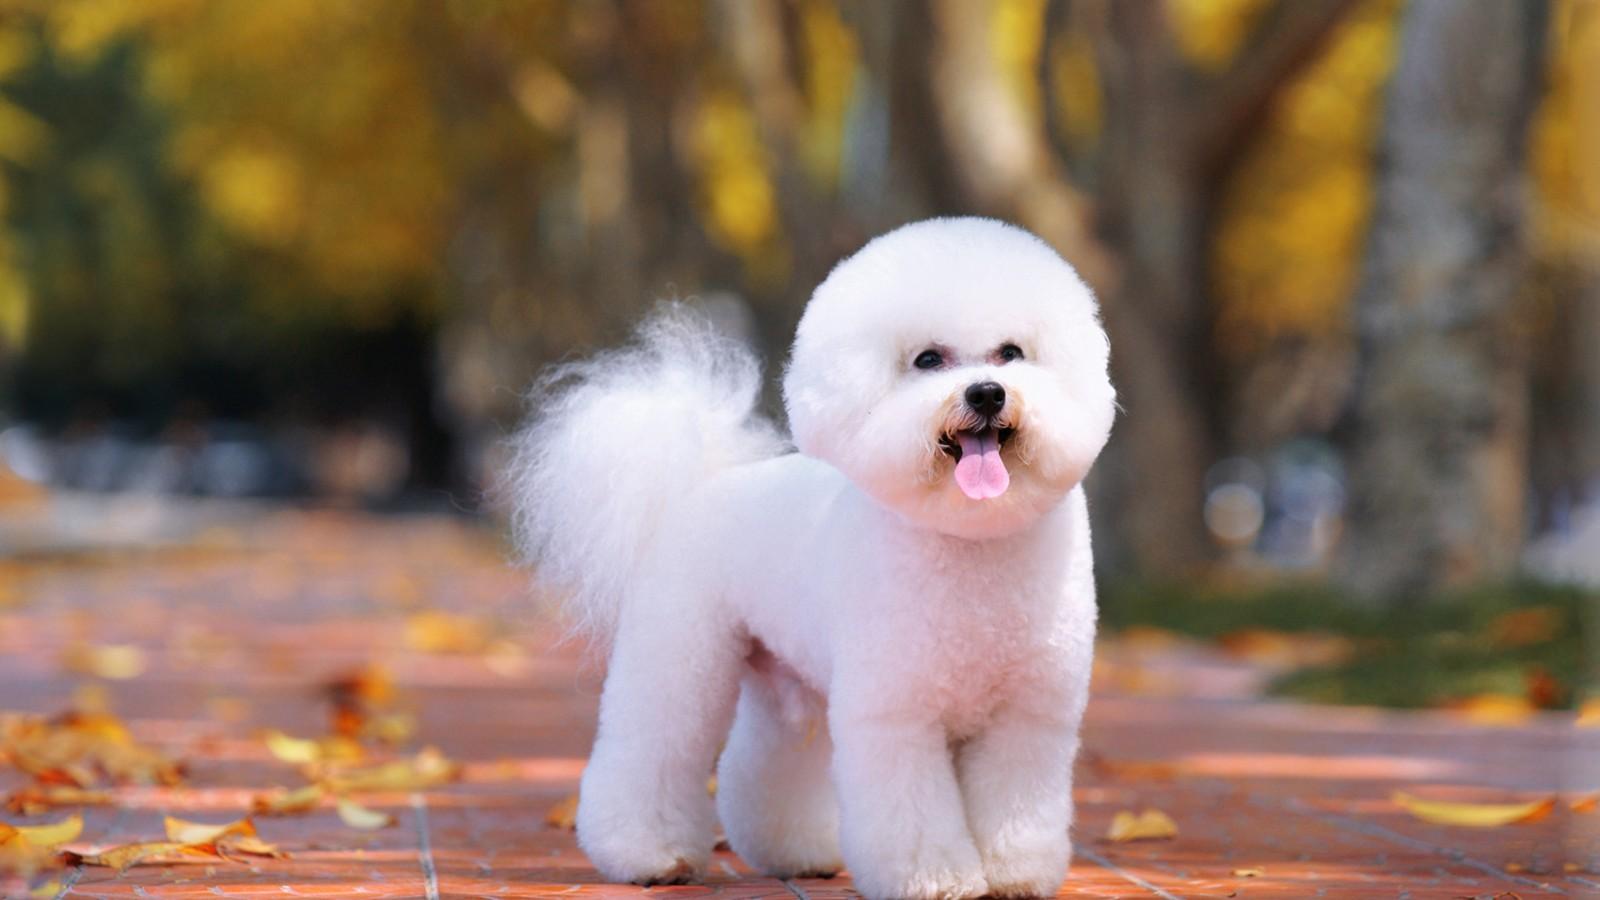 幼犬比熊泪痕怎么去掉